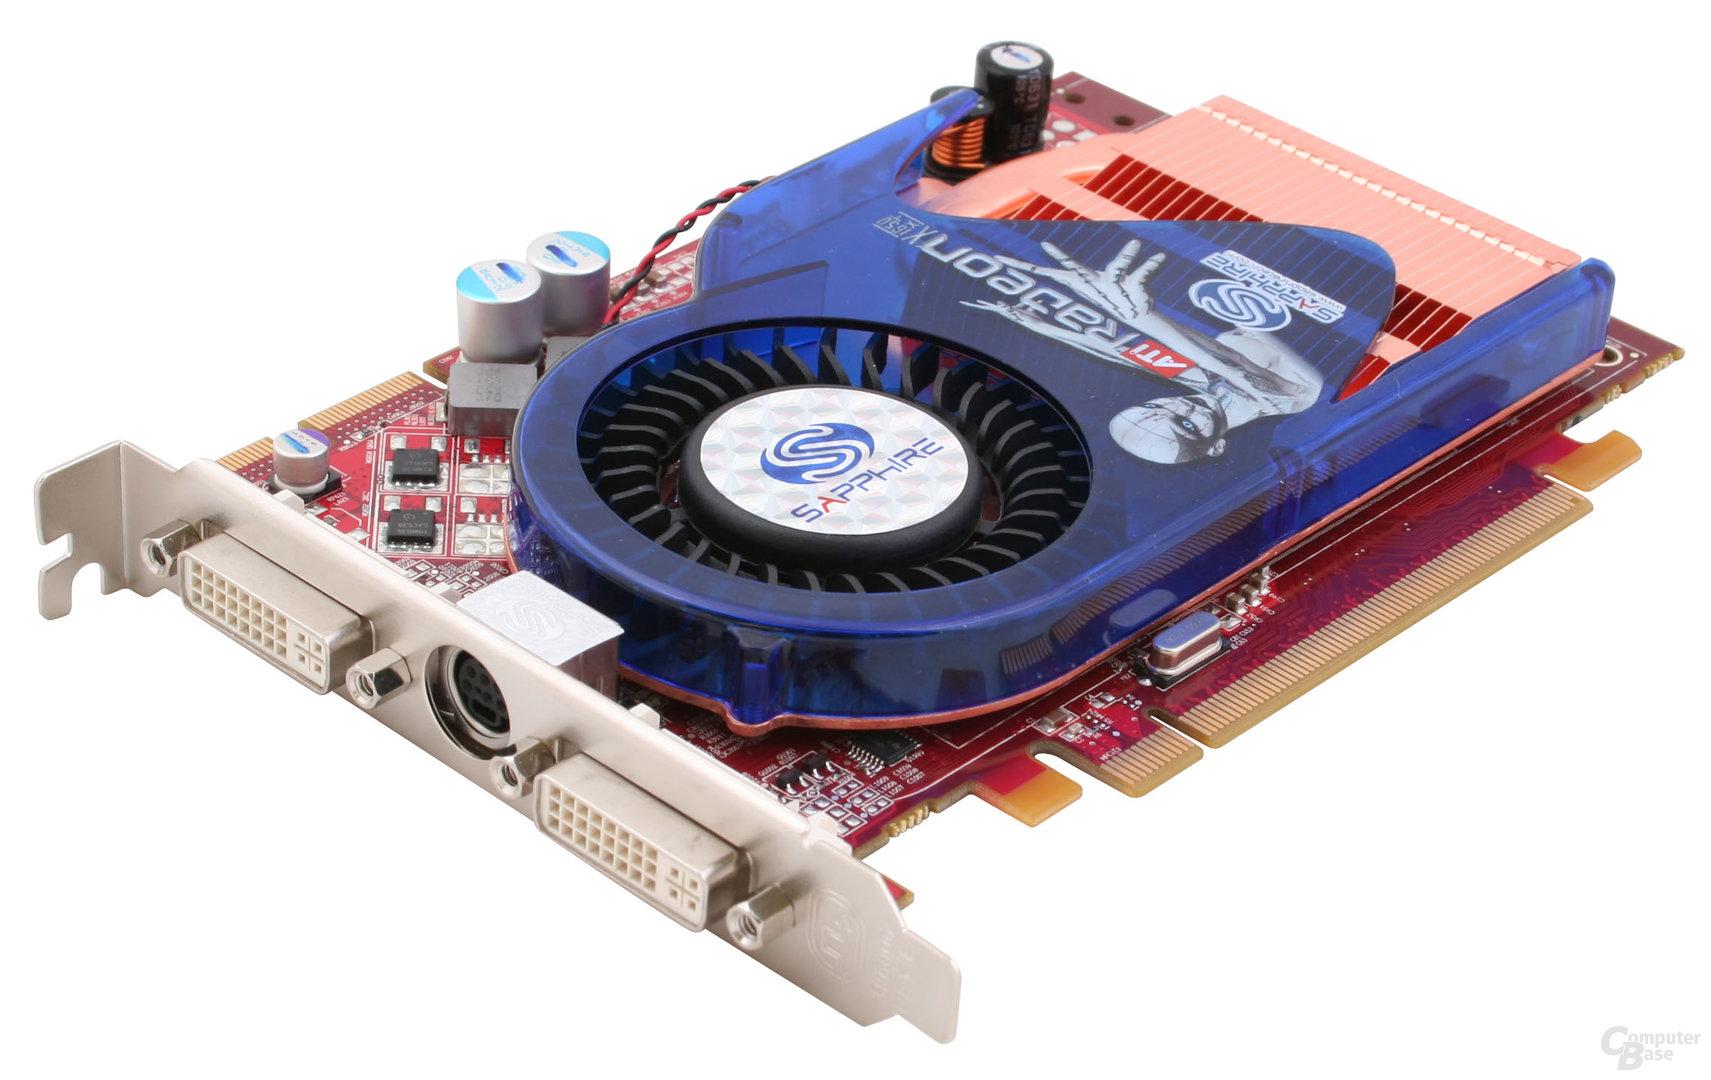 Sapphire Radeon X1650 XT Anschlüsse